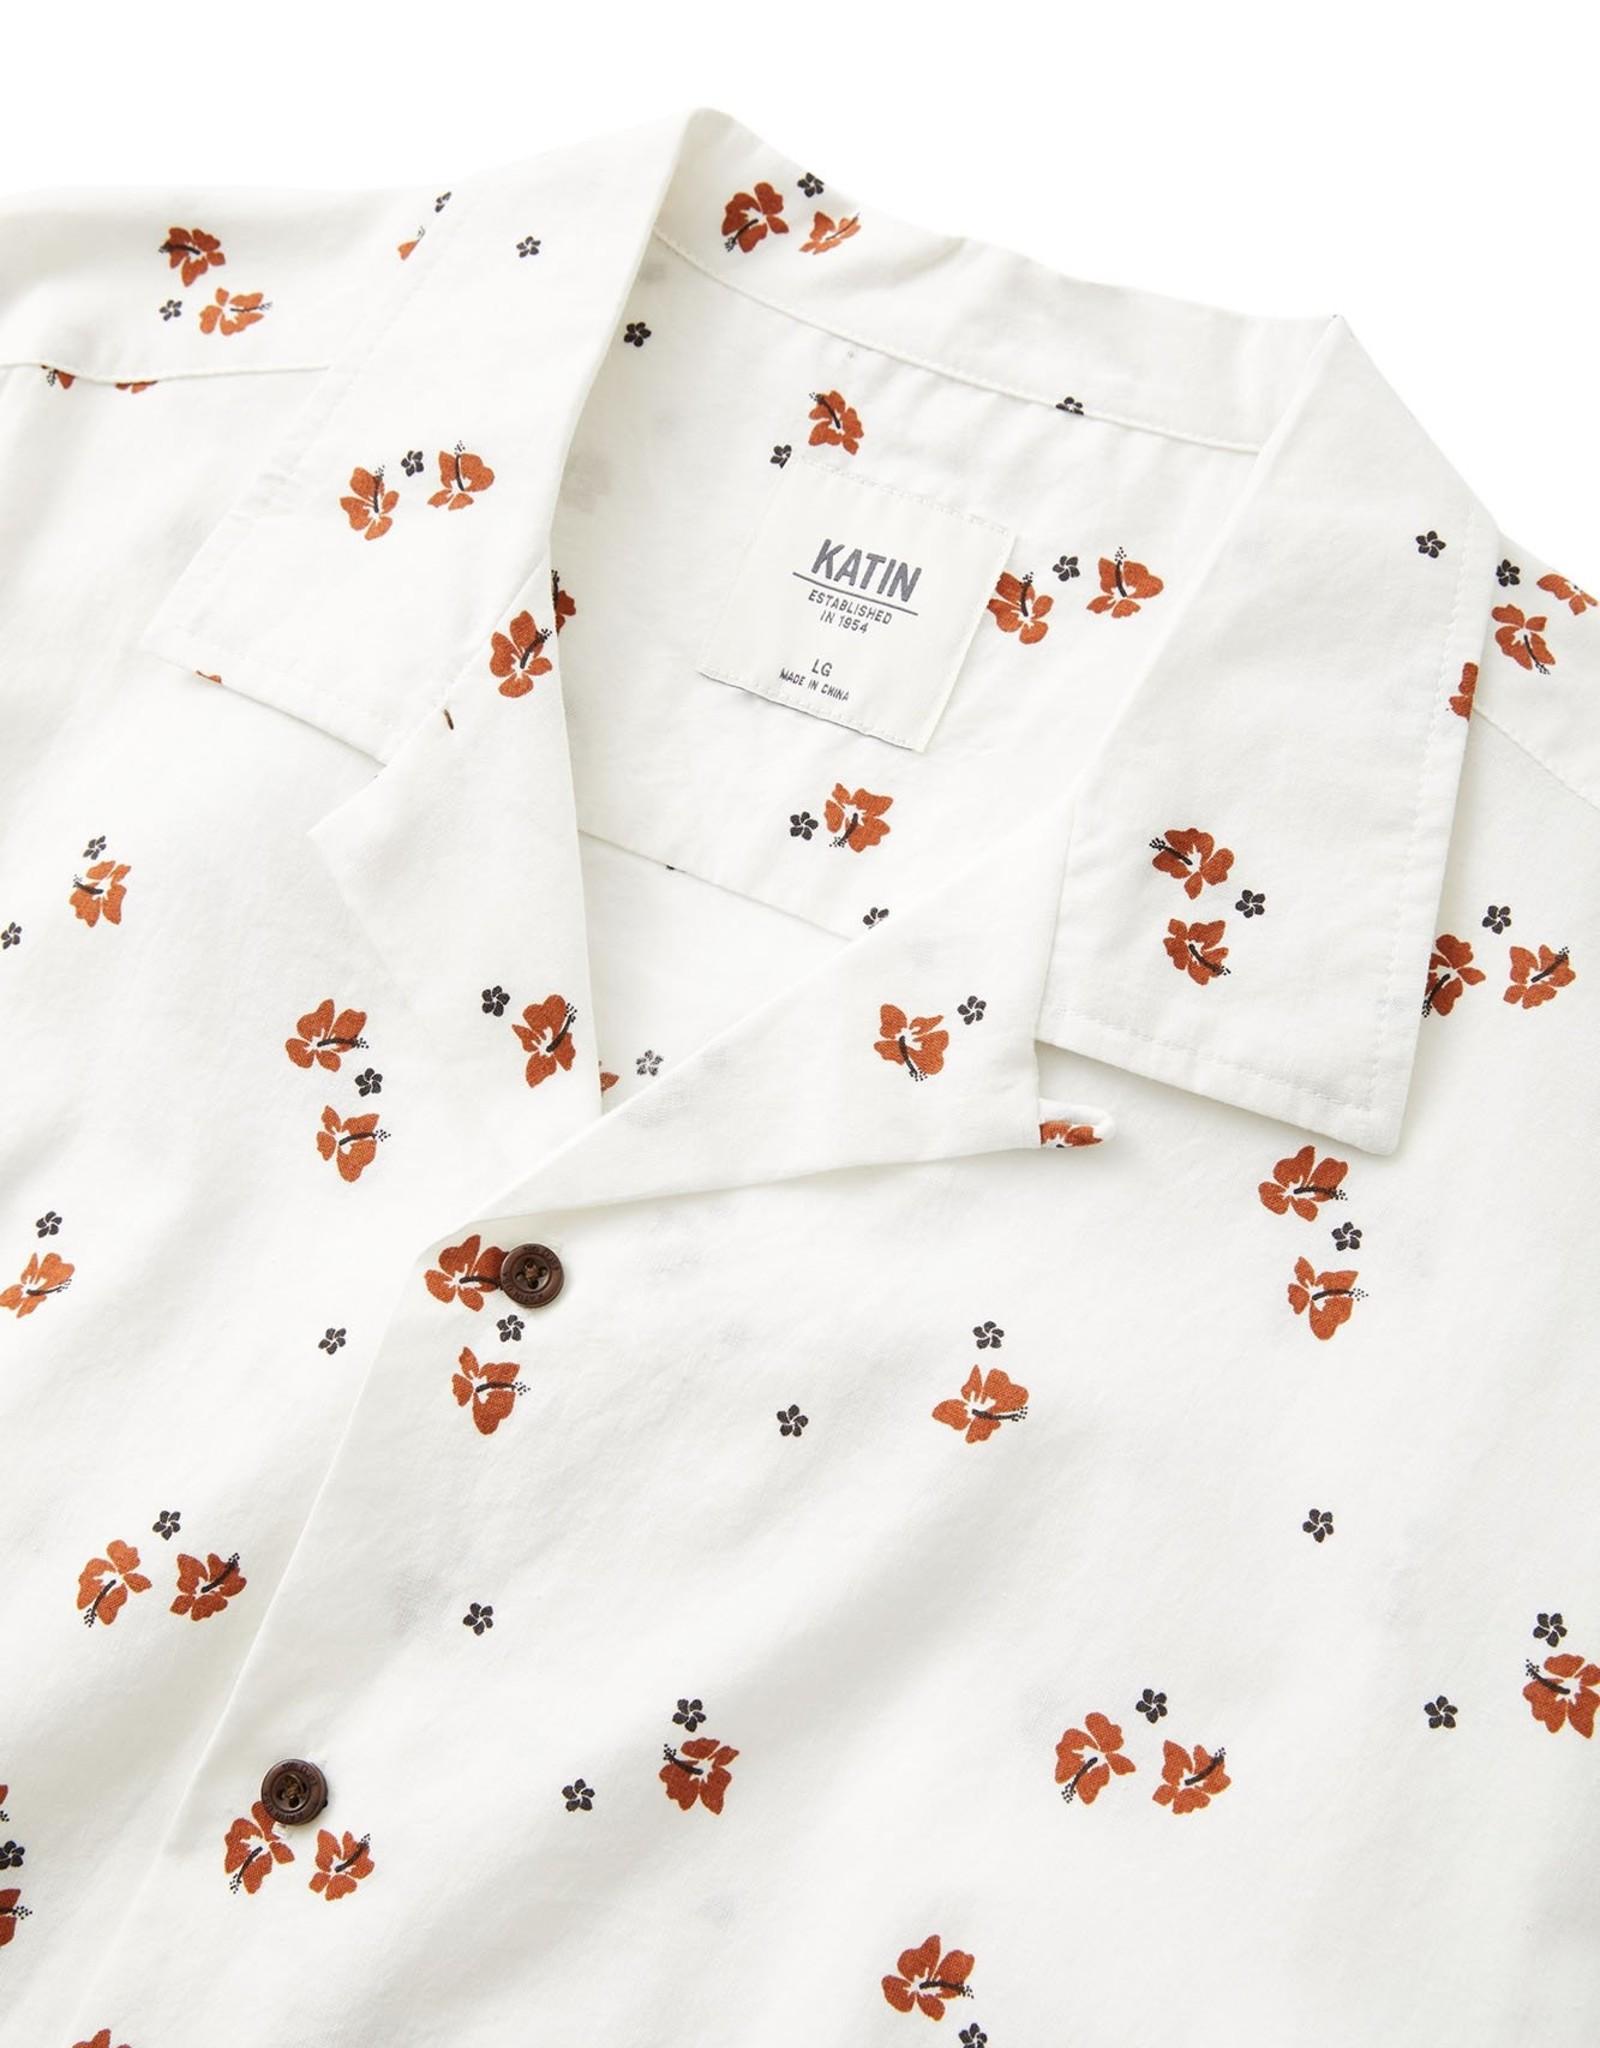 Katin USA Hanalei Aloha Shirt